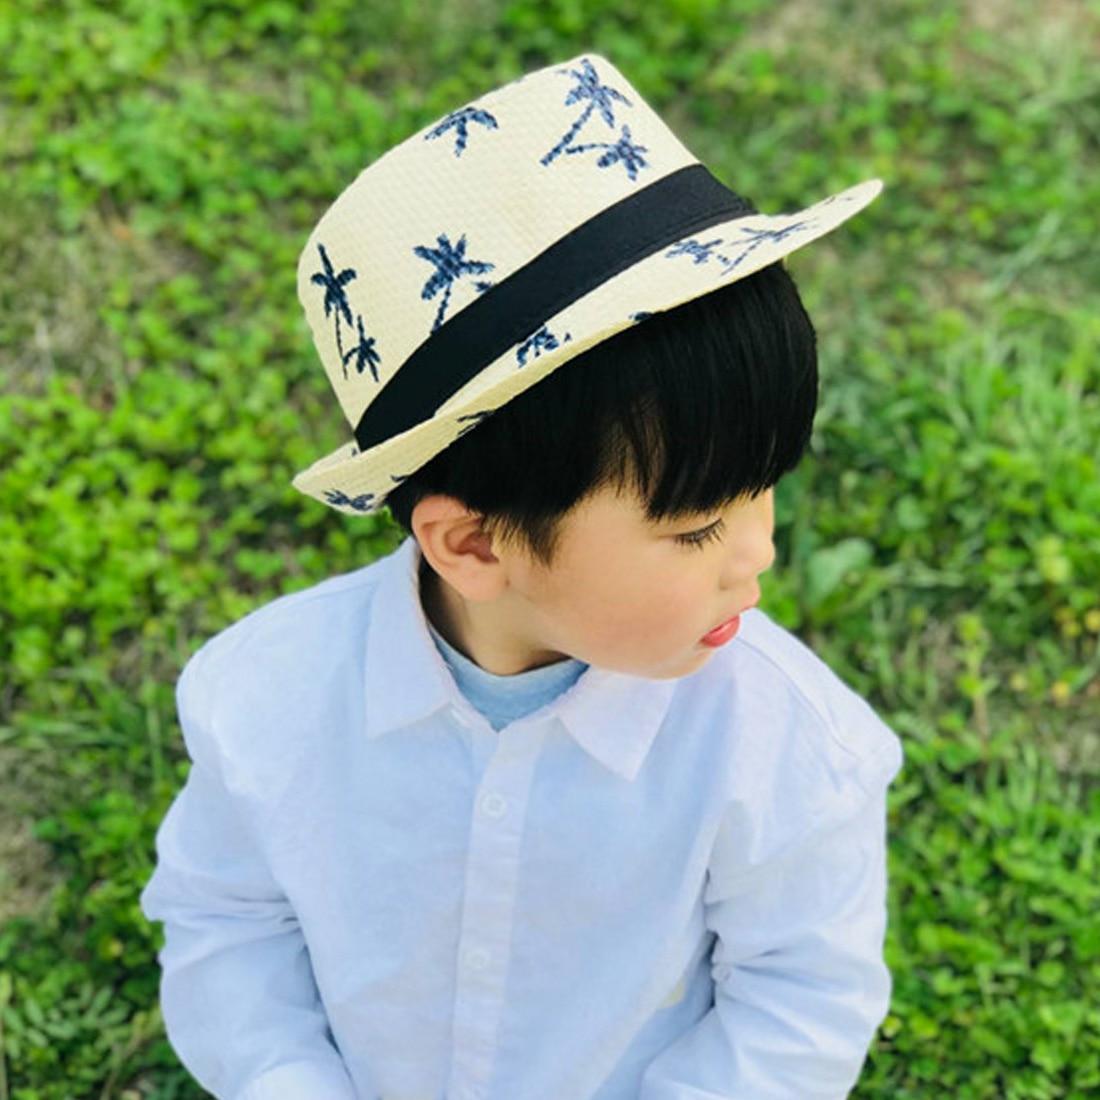 [해외]남자를위한 밀짚 태양 모자 여름 달콤한 레트로 아이 밀짚 모자 비치 보이 태양 모자 여행 모자/남자를위한 밀짚 태양 모자 여름 달콤한 레트로 아이 밀짚 모자 비치 보이 태양 모자 여행 모자